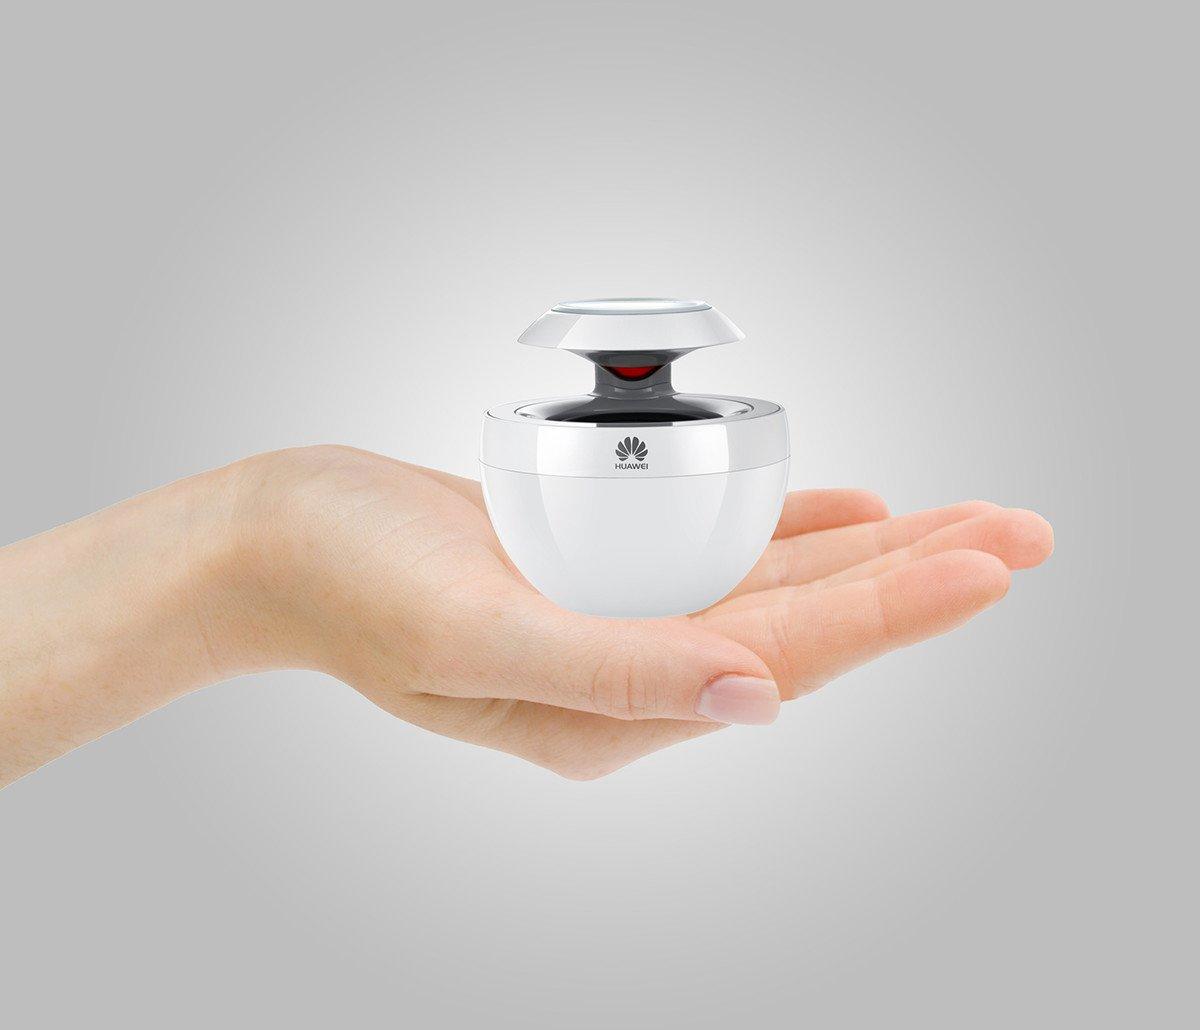 Huawei Swan Gratis con el Honor 5C